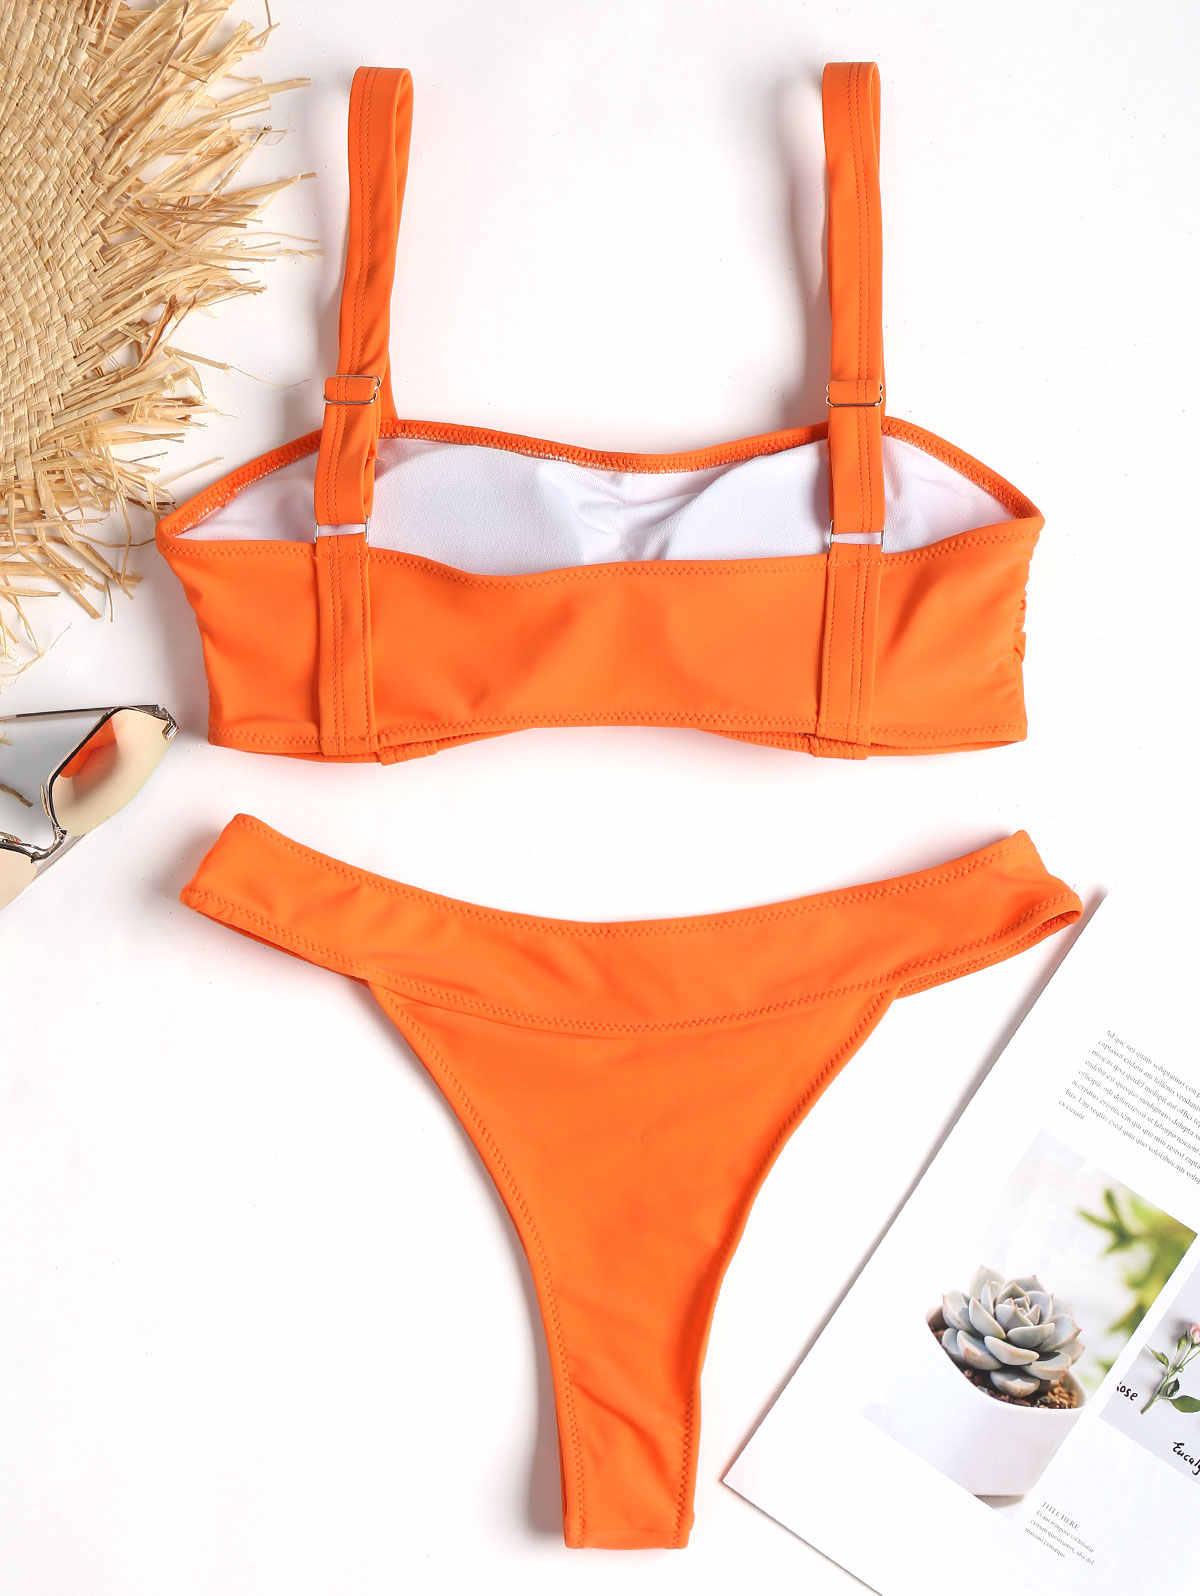 ZAFUL kobiety Bikini Set pasy dekolt pasami wyściełana Bikini Set Lady Sexy Bikini stroje kąpielowe lato plaża strój kąpielowy